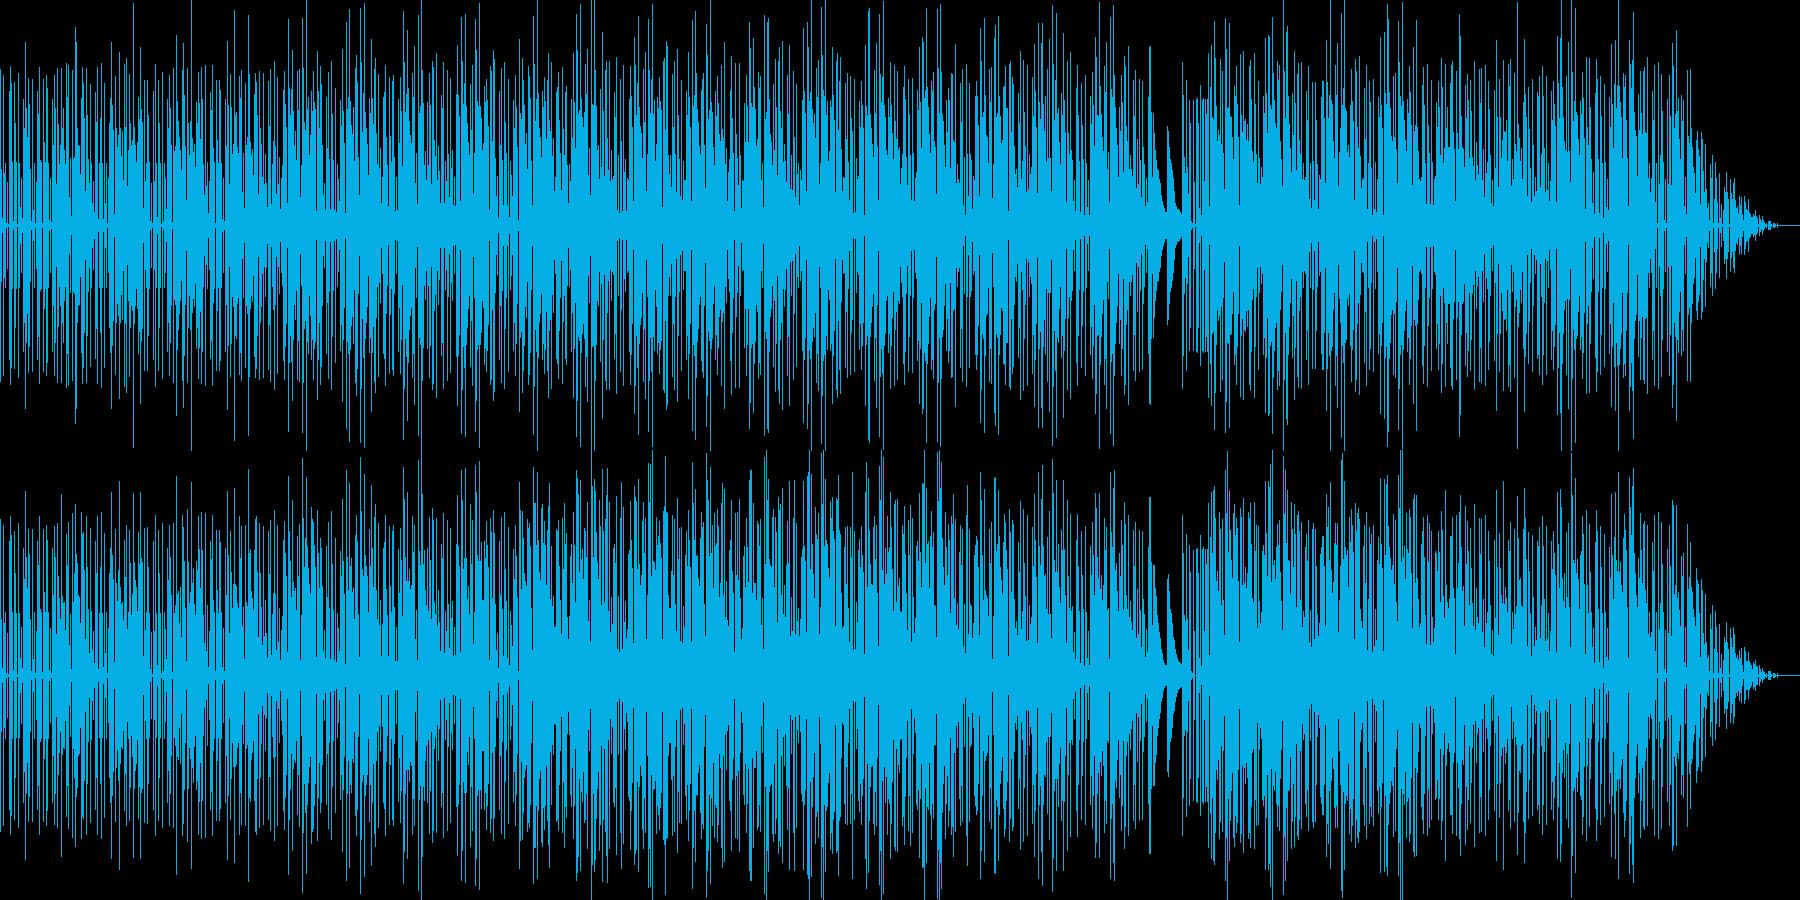 ダーク系ヒップホップ調EDMの再生済みの波形